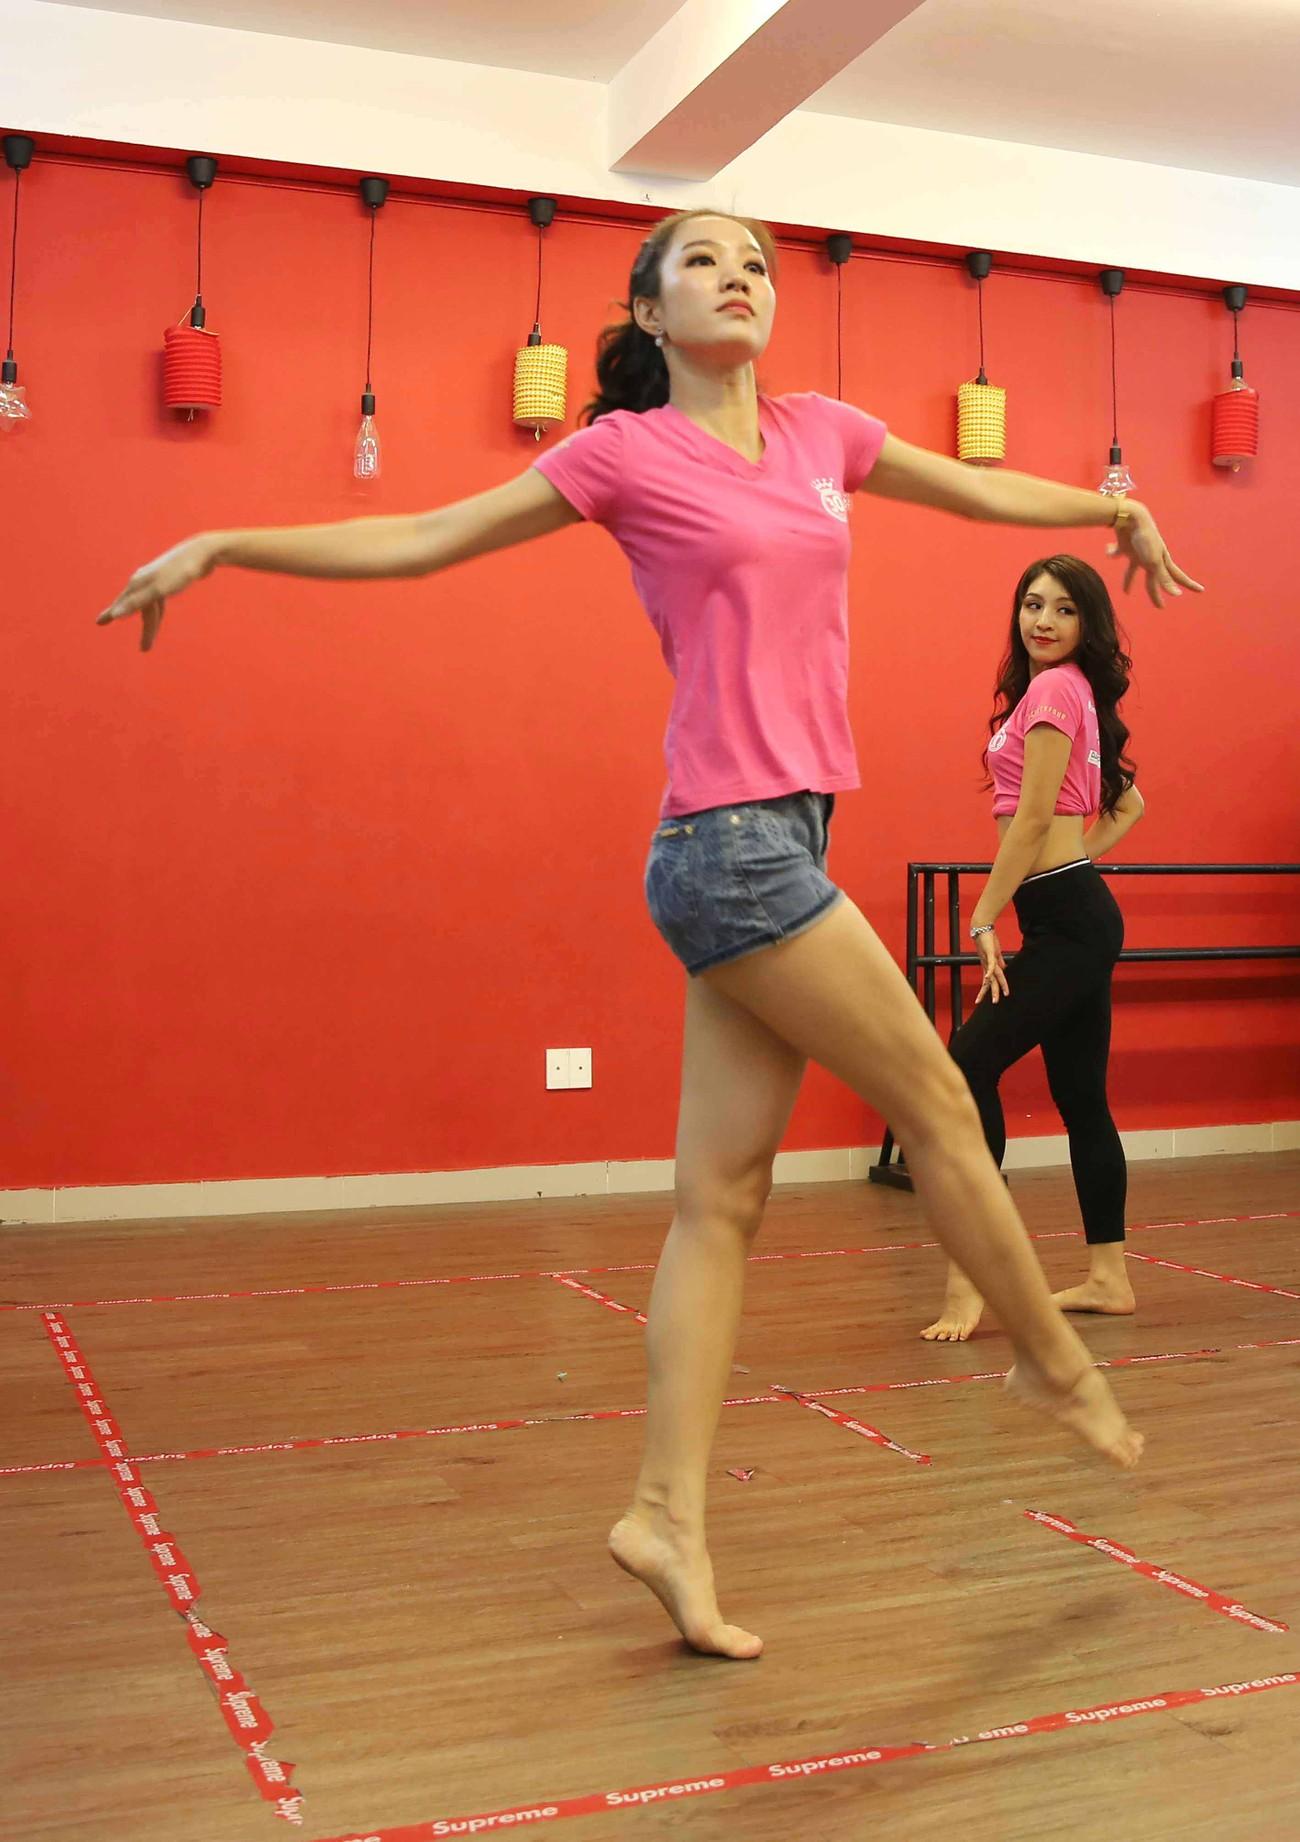 Thí sinh tài năng sẽ khuấy động sân khấu Chung kết Hoa hậu Việt Nam ảnh 9